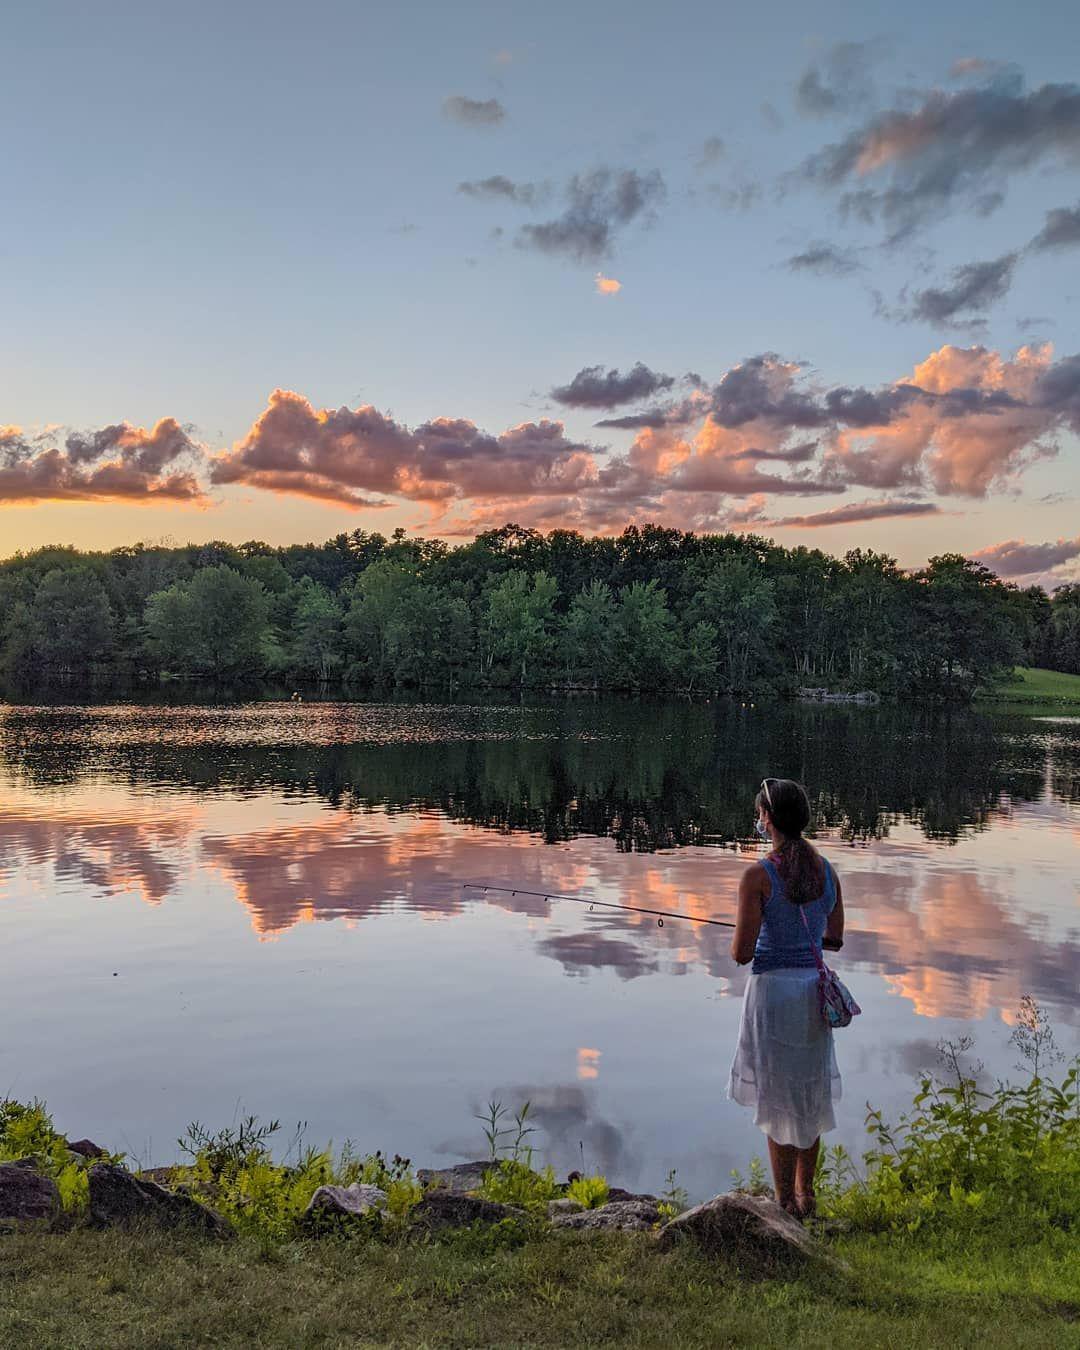 Peaceful weekend on New Hampshire  Photo: @followingfootprints   #newhampshire_igers #newhampshirelife #newhampshire #natgeoyourshot #travelawesome #traveltheworld